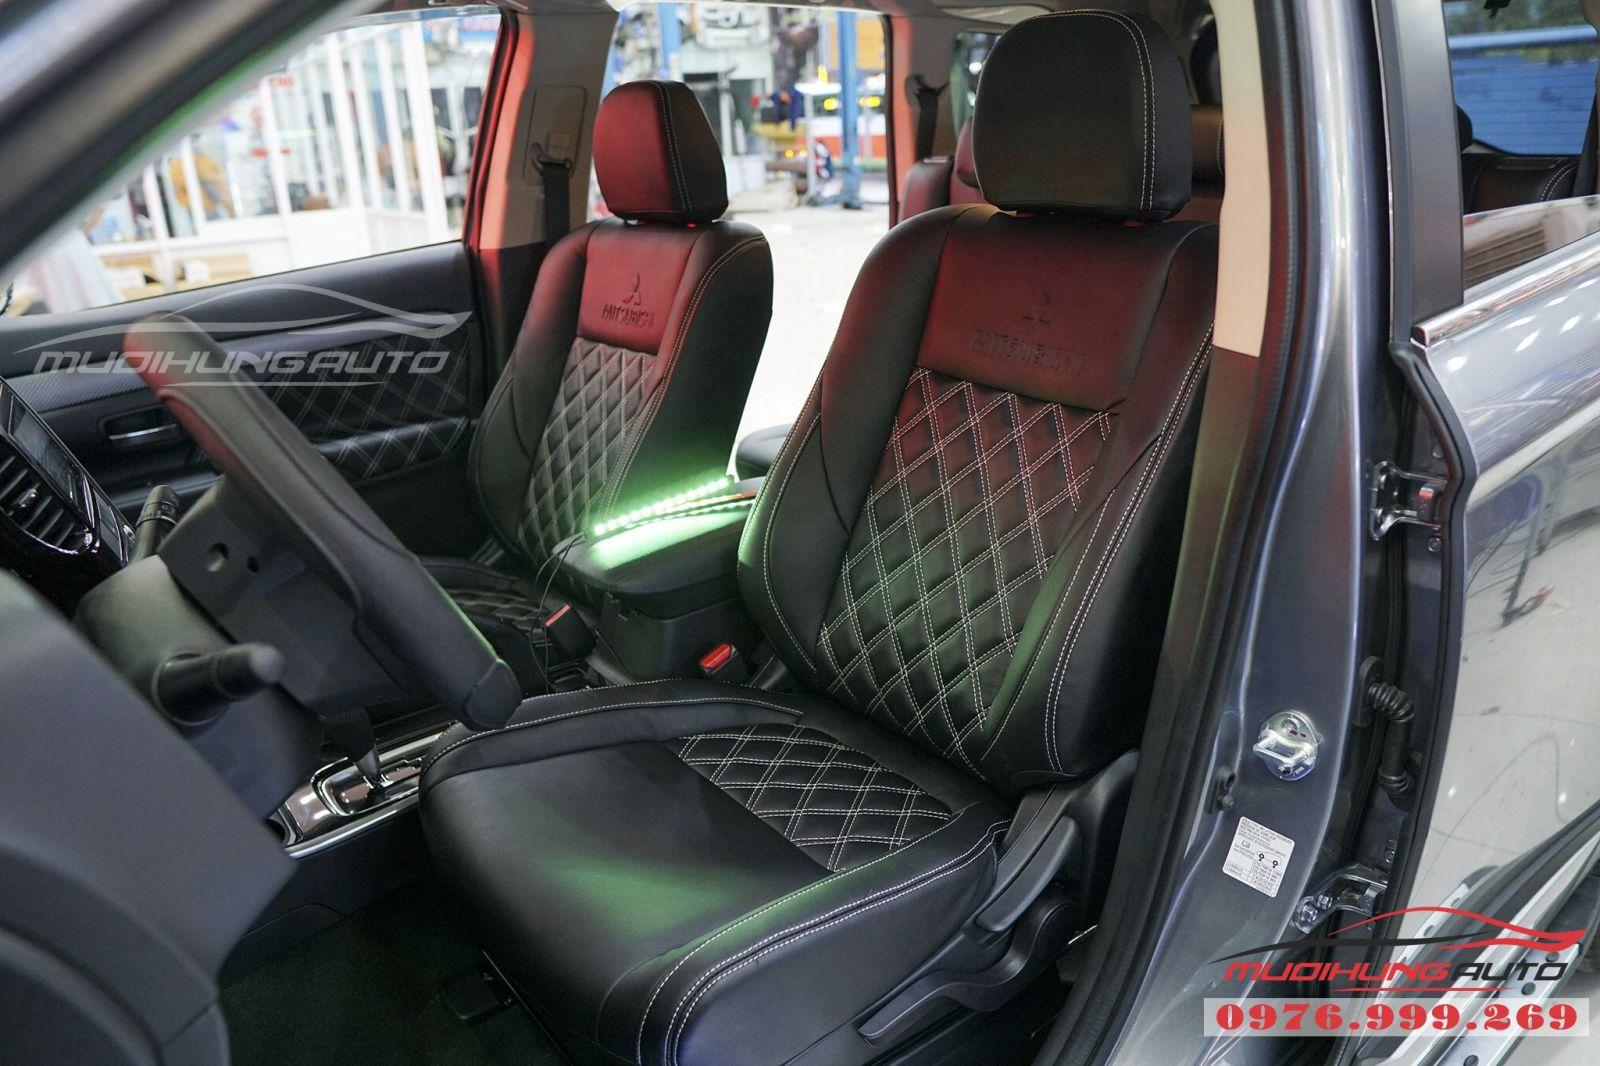 Mitsubishi Outlander bọc ghế cao cấp giá rẻ tại TPHCM 02